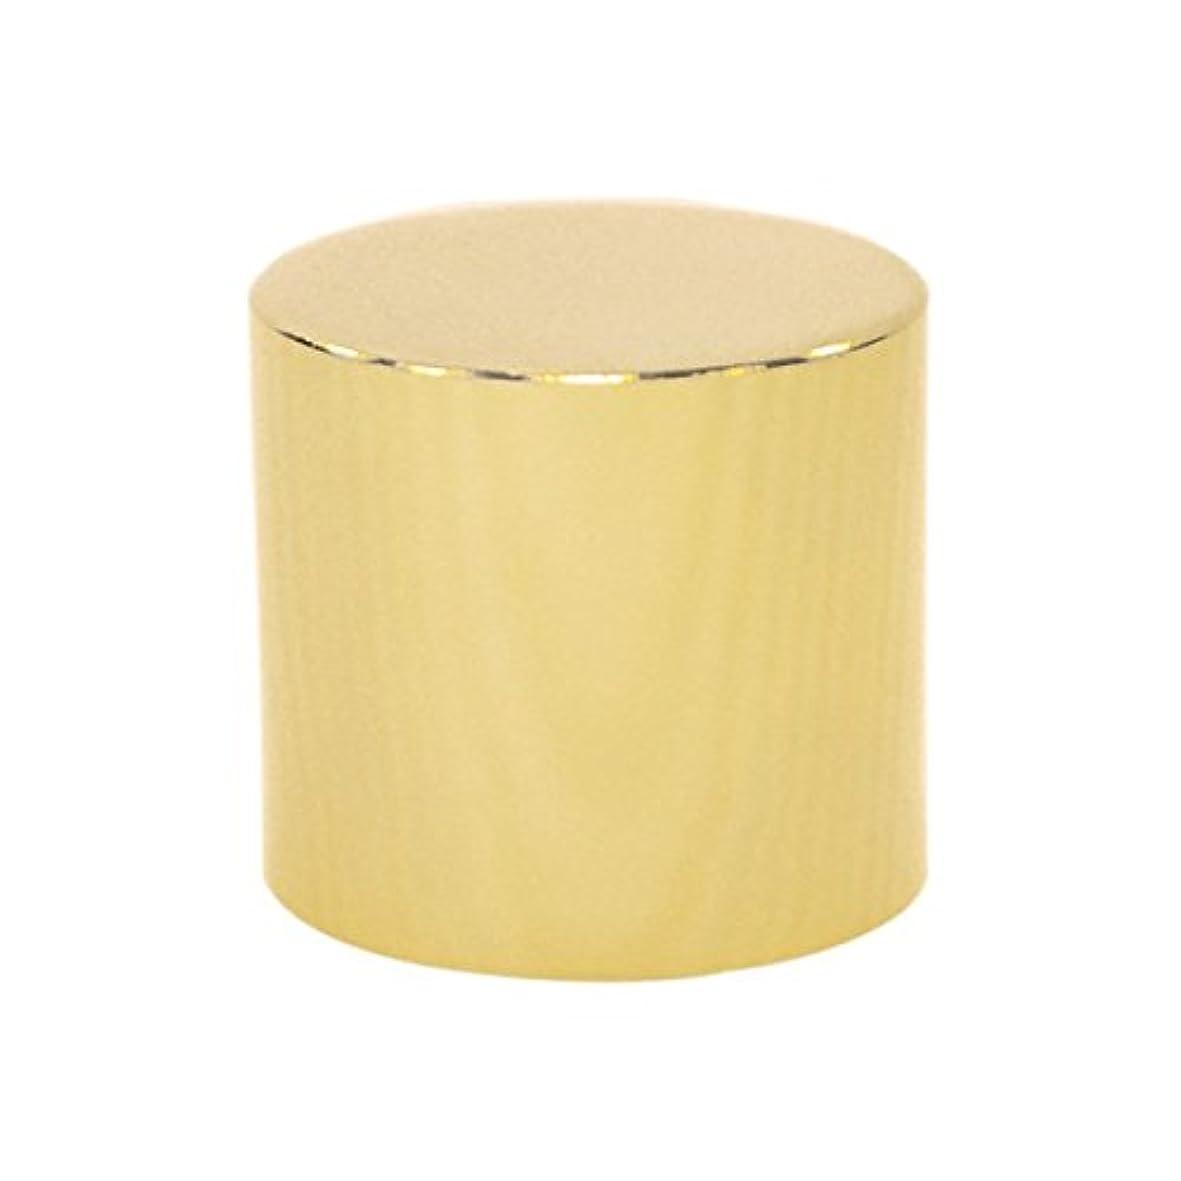 雇ったクスクス深さランプベルジェ(LAMPE BERGER)消火キャップ【正規輸入品】密閉蓋ゴールド